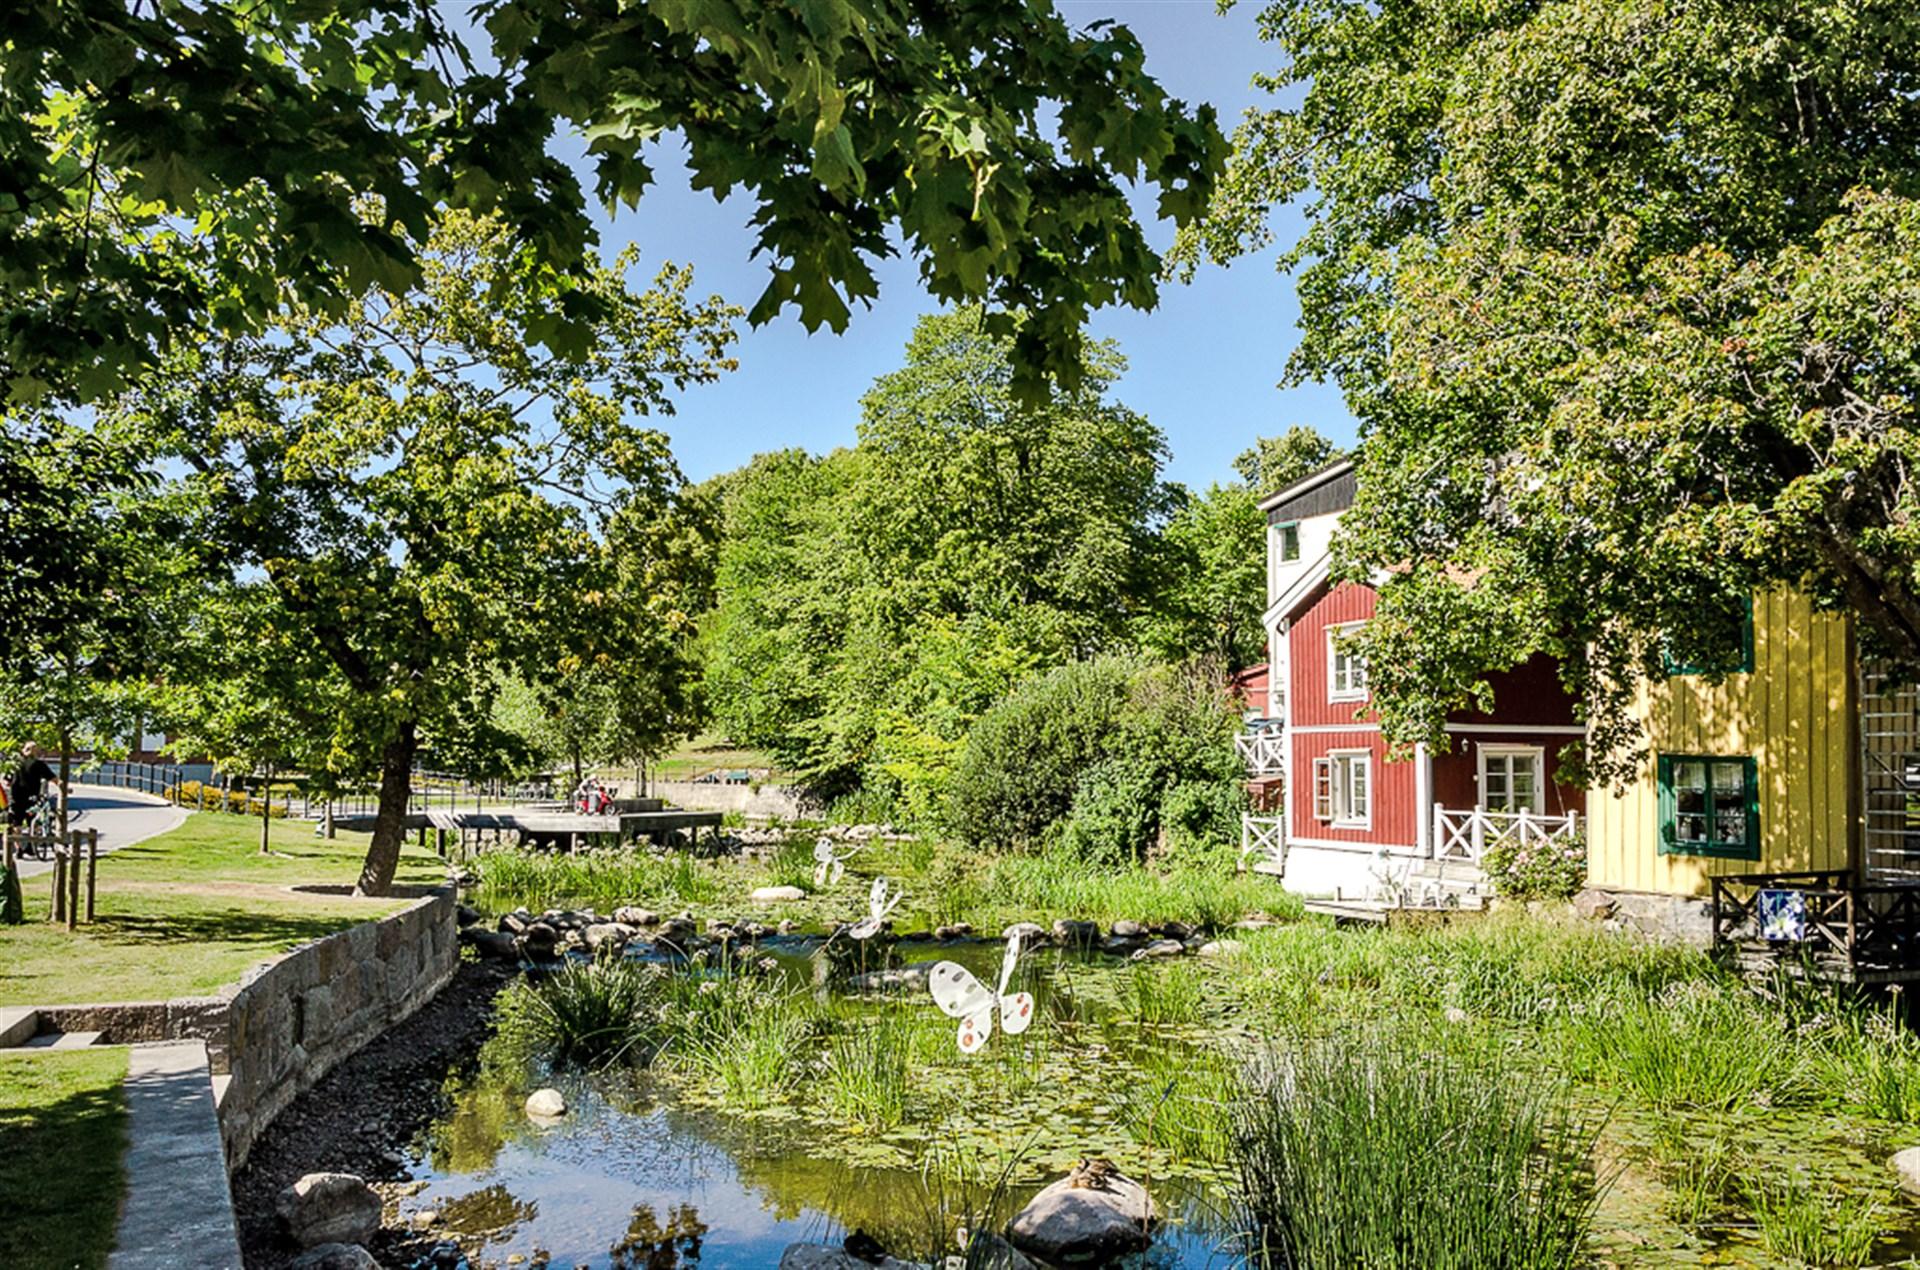 Charmiga och natursköna Norrtälje